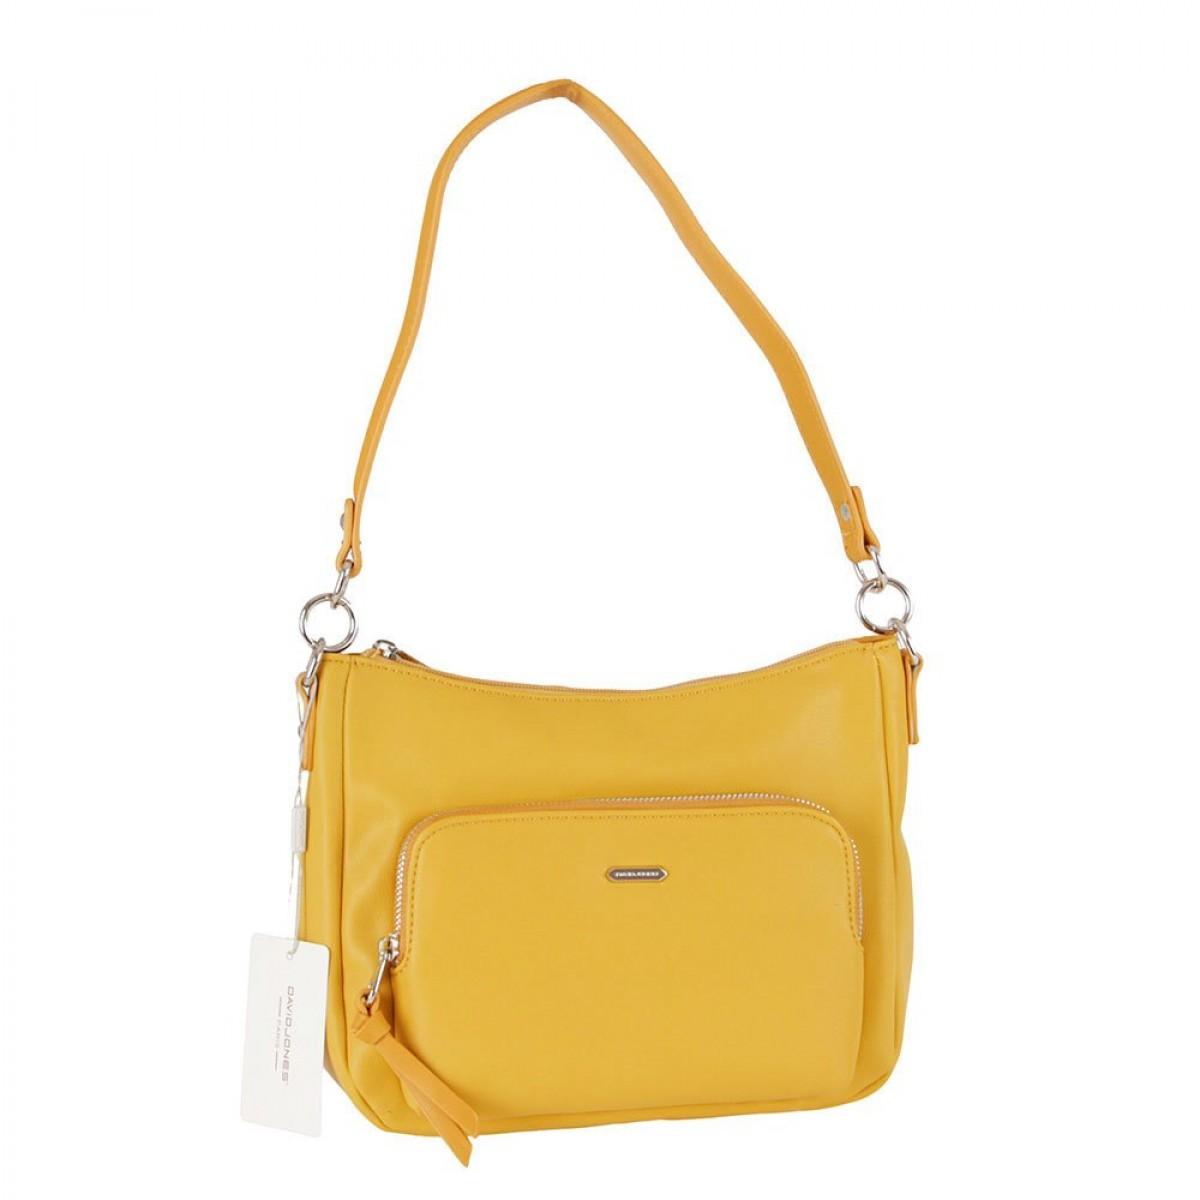 Жіноча сумка David Jones 6299-2 YELLOW